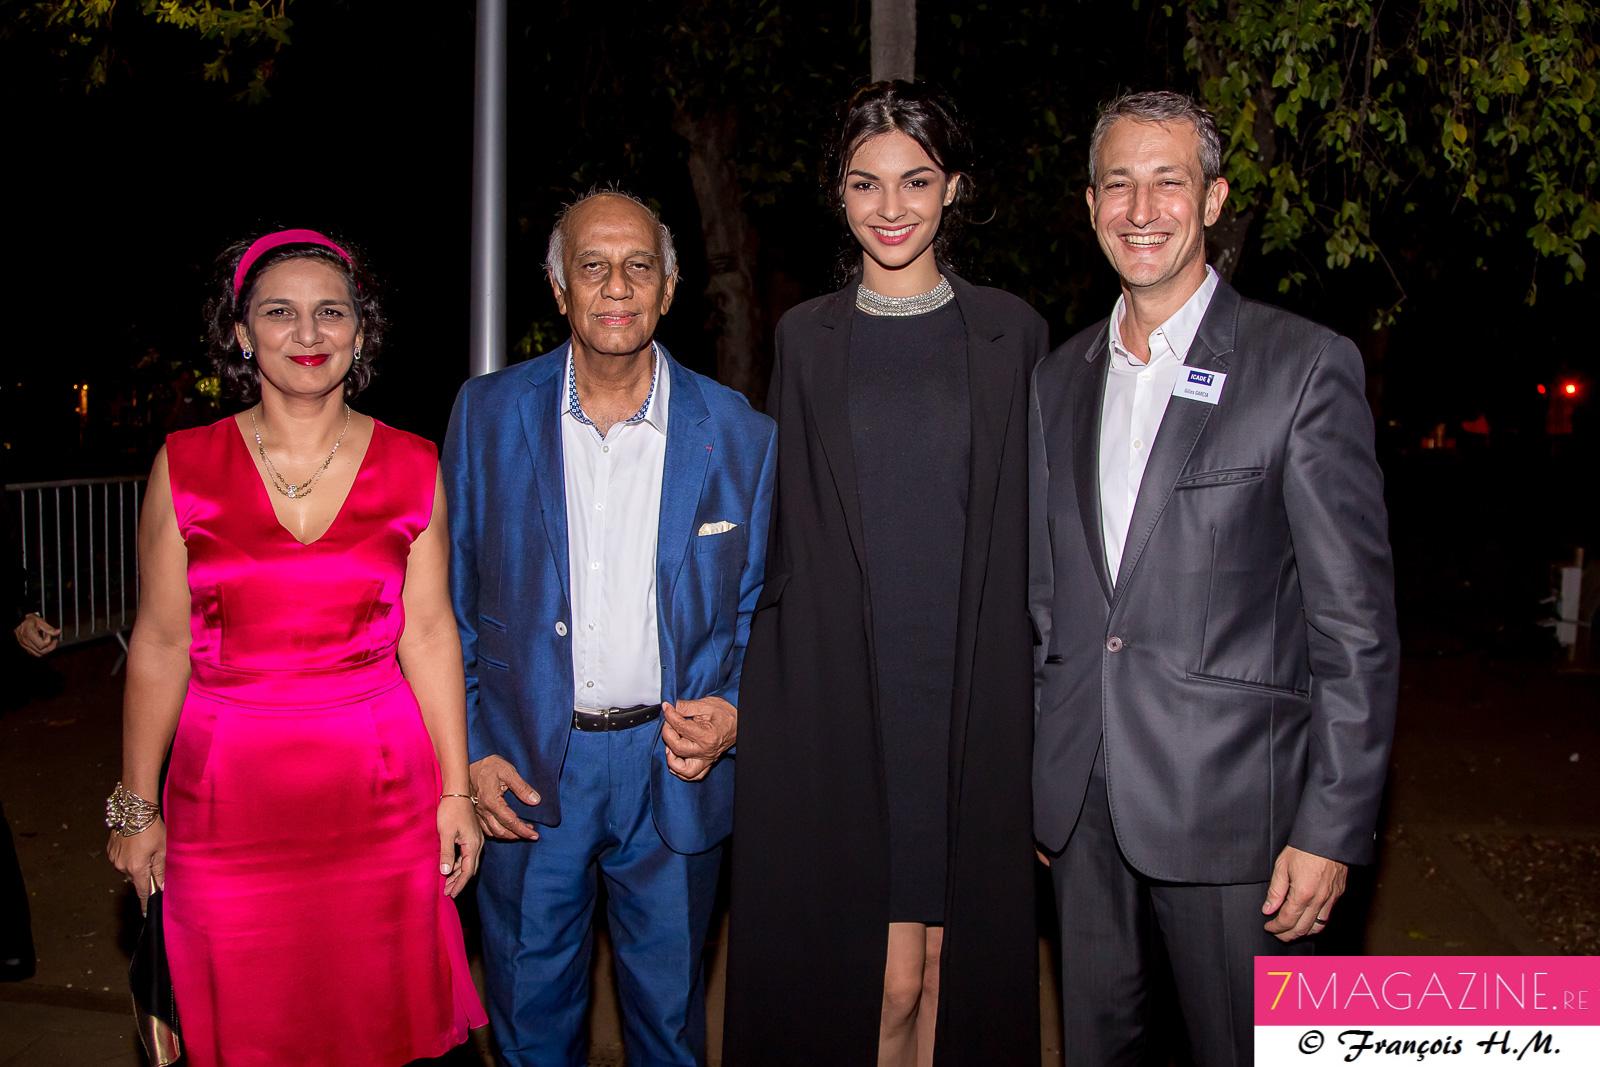 Mariam Locate, architecte, Noor Locate, PDG du Groupe Locate, Azuima Issa